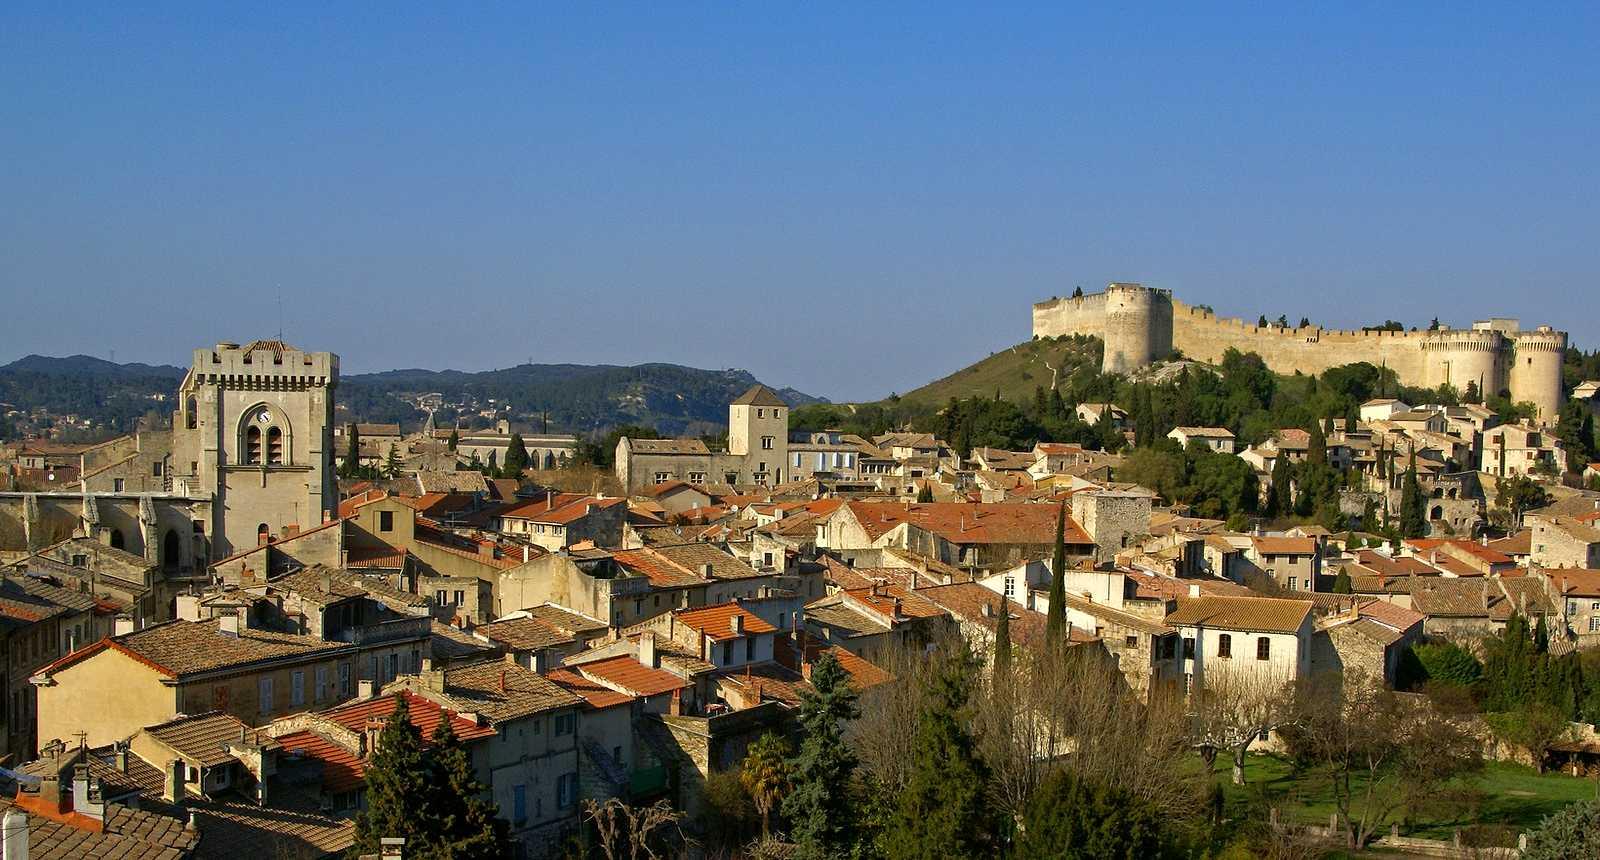 Image : Office de Tourisme** de Villeneuve-lez-avignon